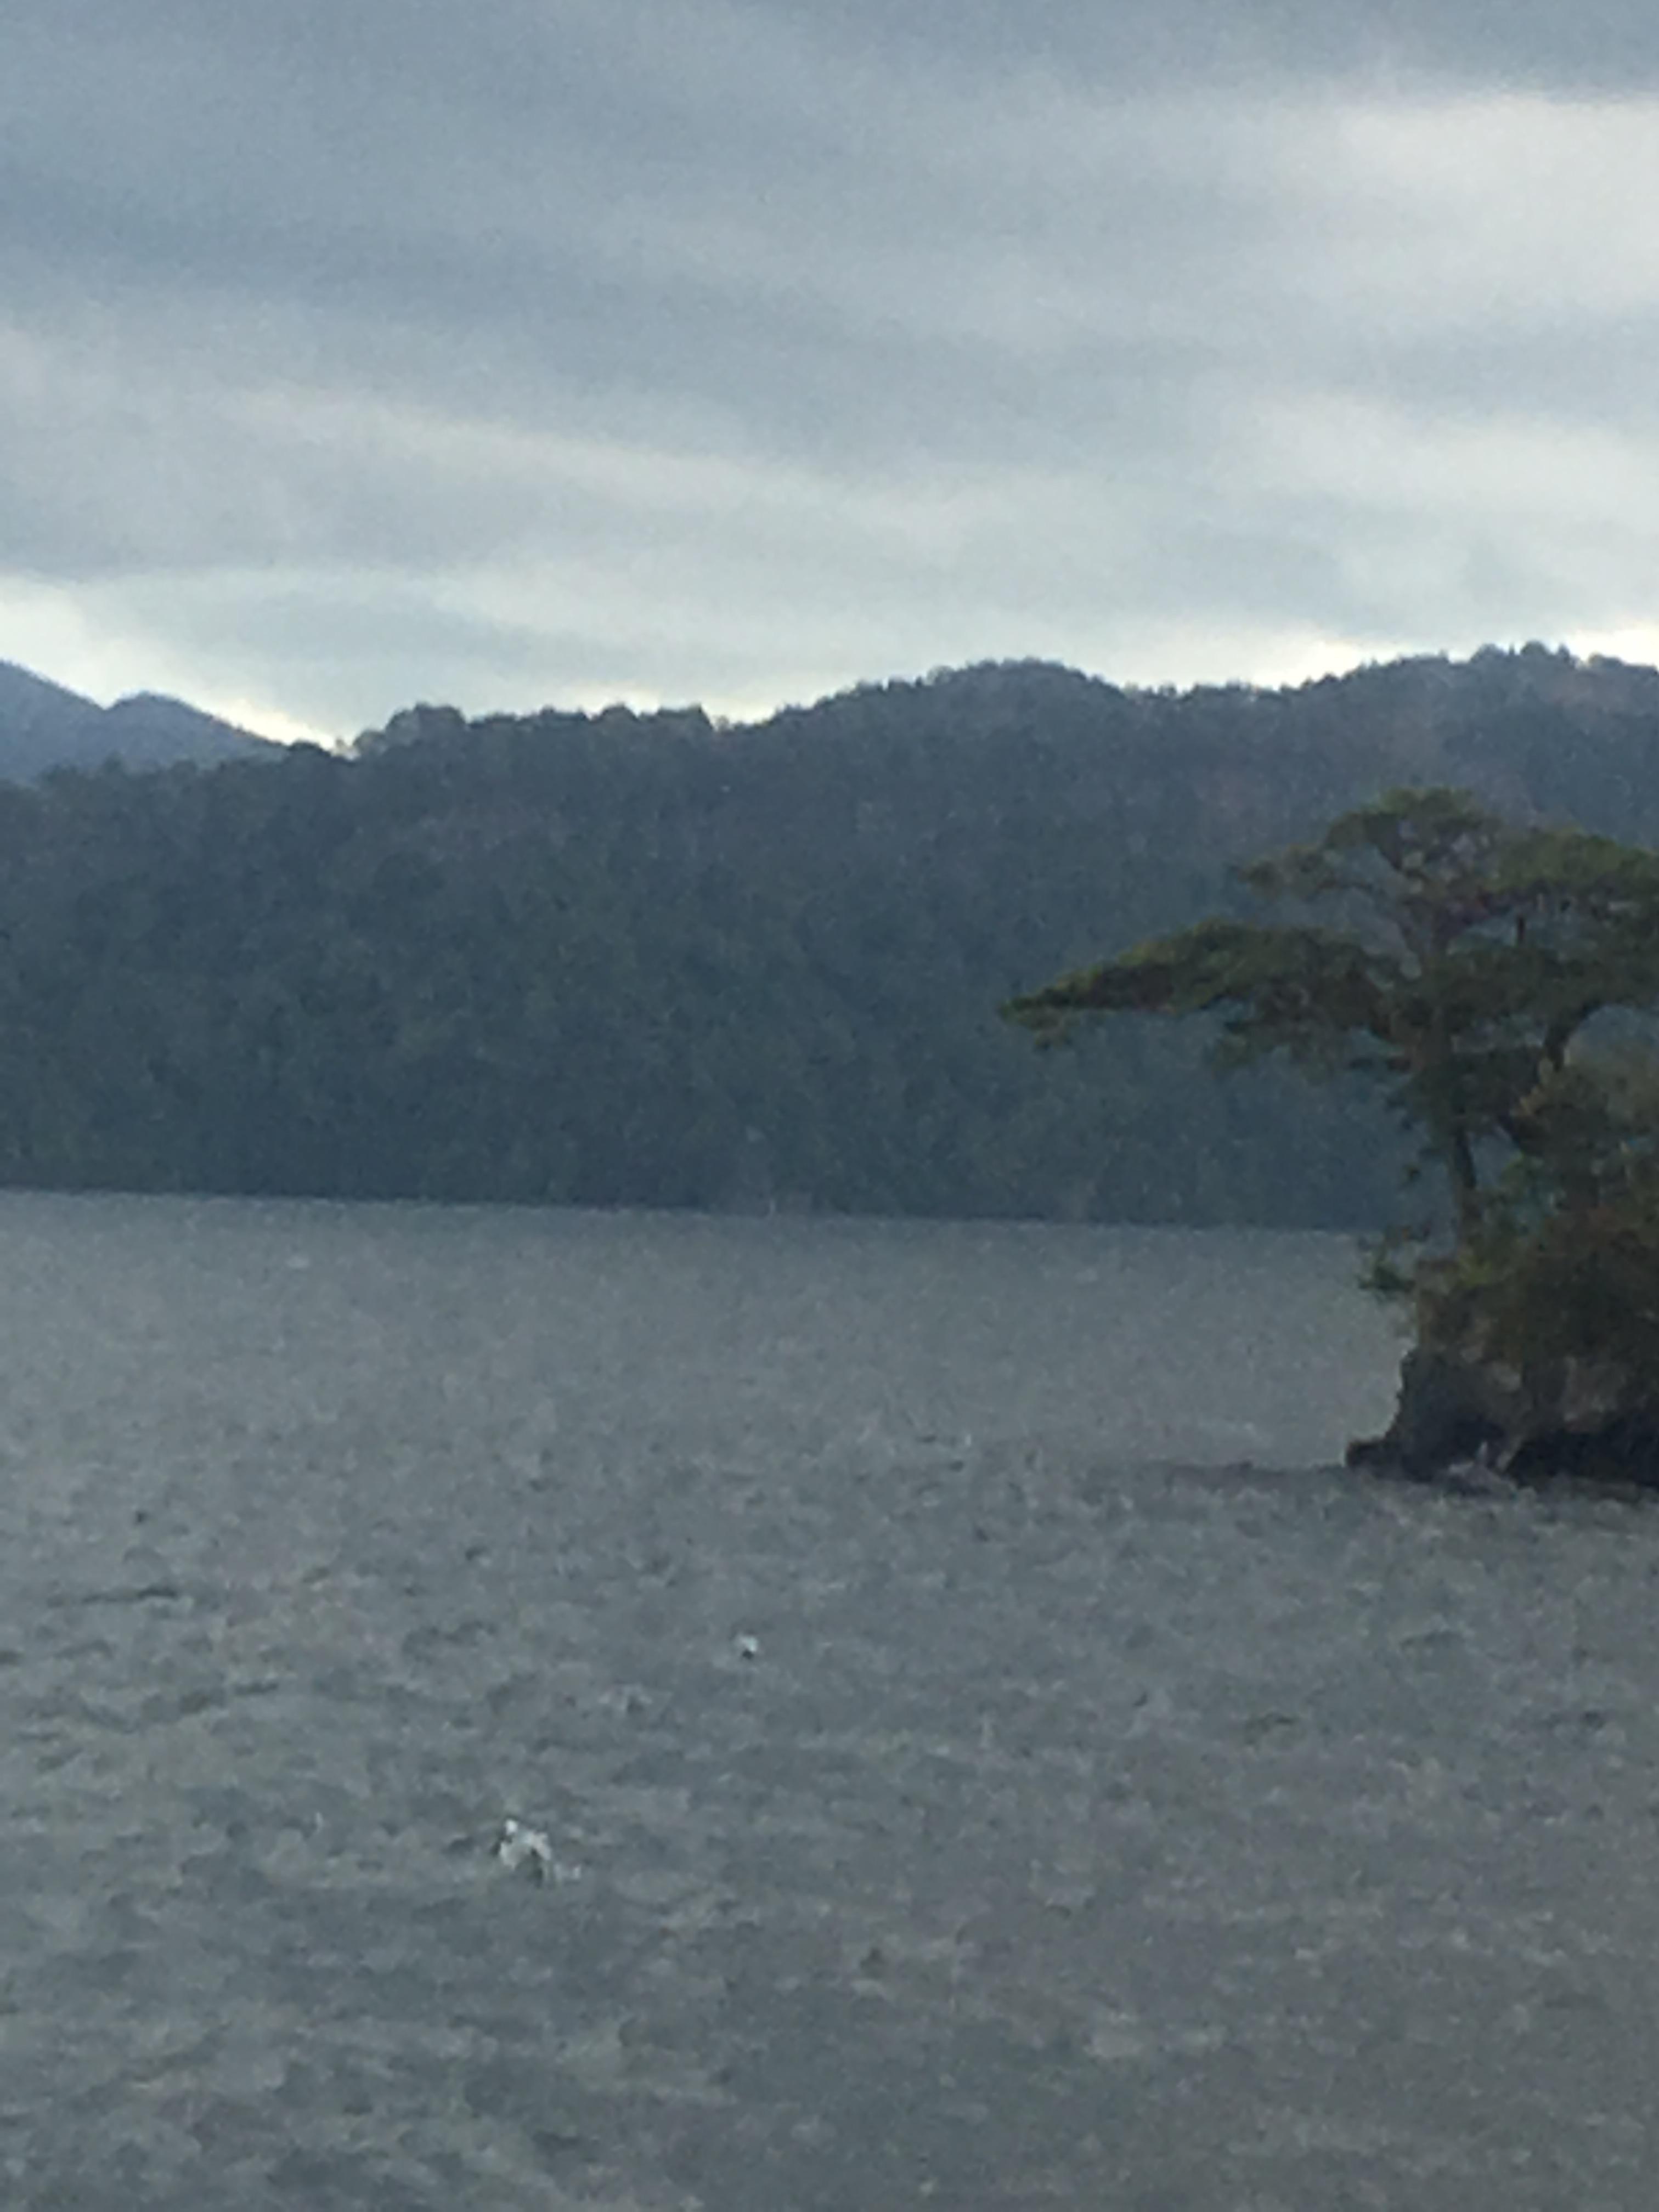 十和田湖遊覧船船首から中山半島突端